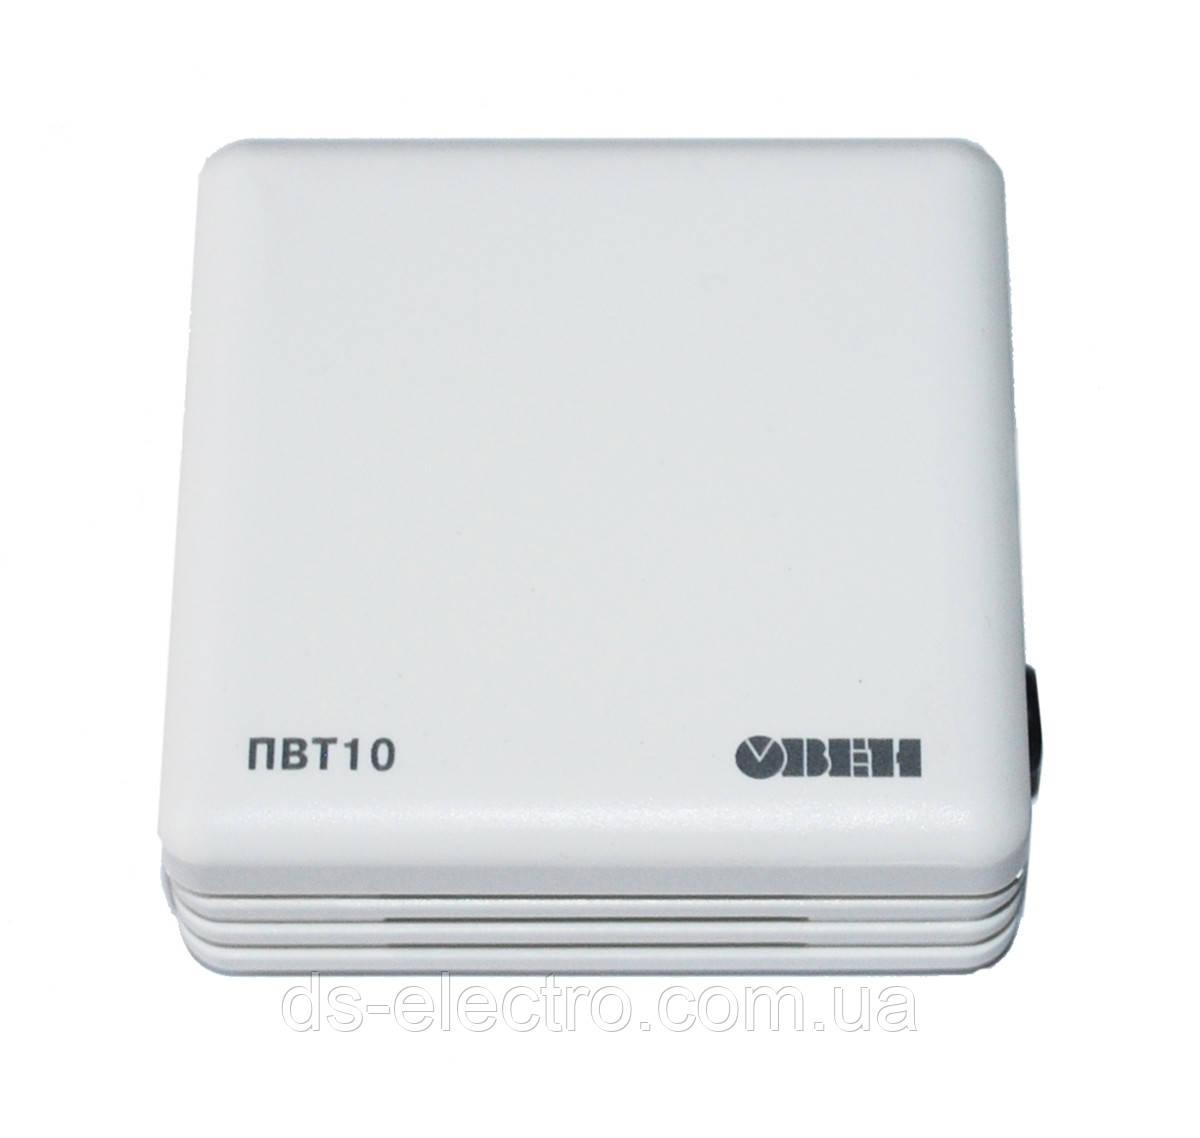 ОВЕН ПВТ10 Датчик (преобразователь) влажности и температуры воздуха